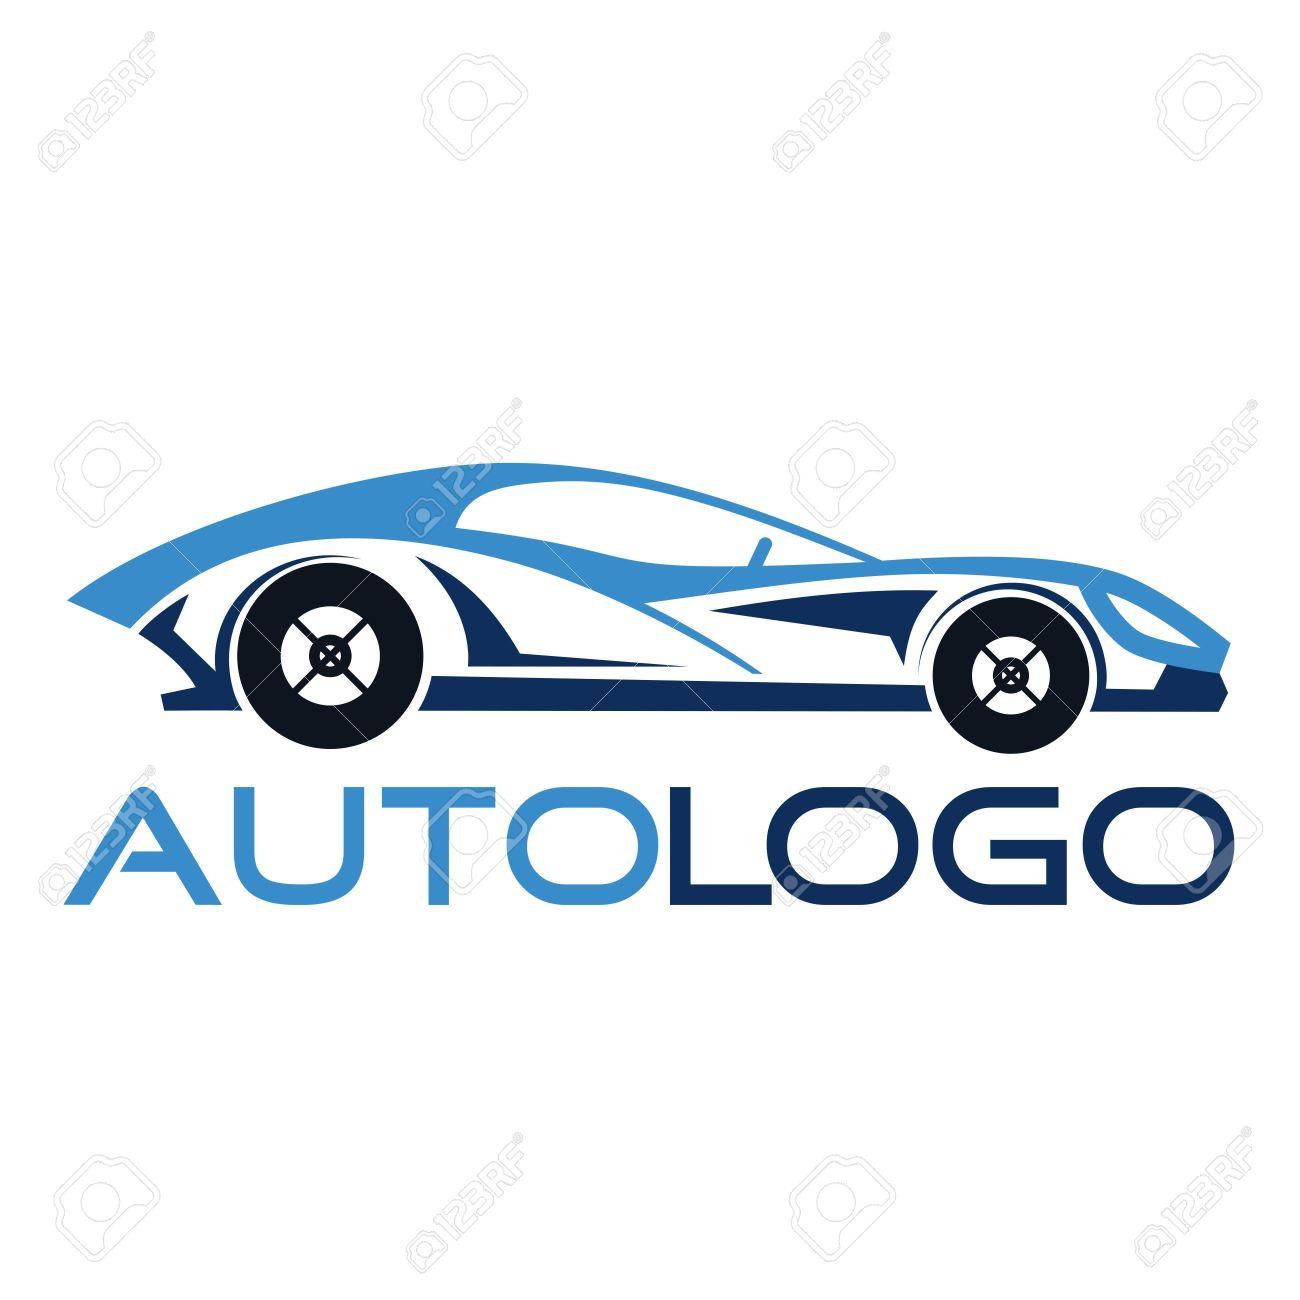 Automotive Car Logo Template.